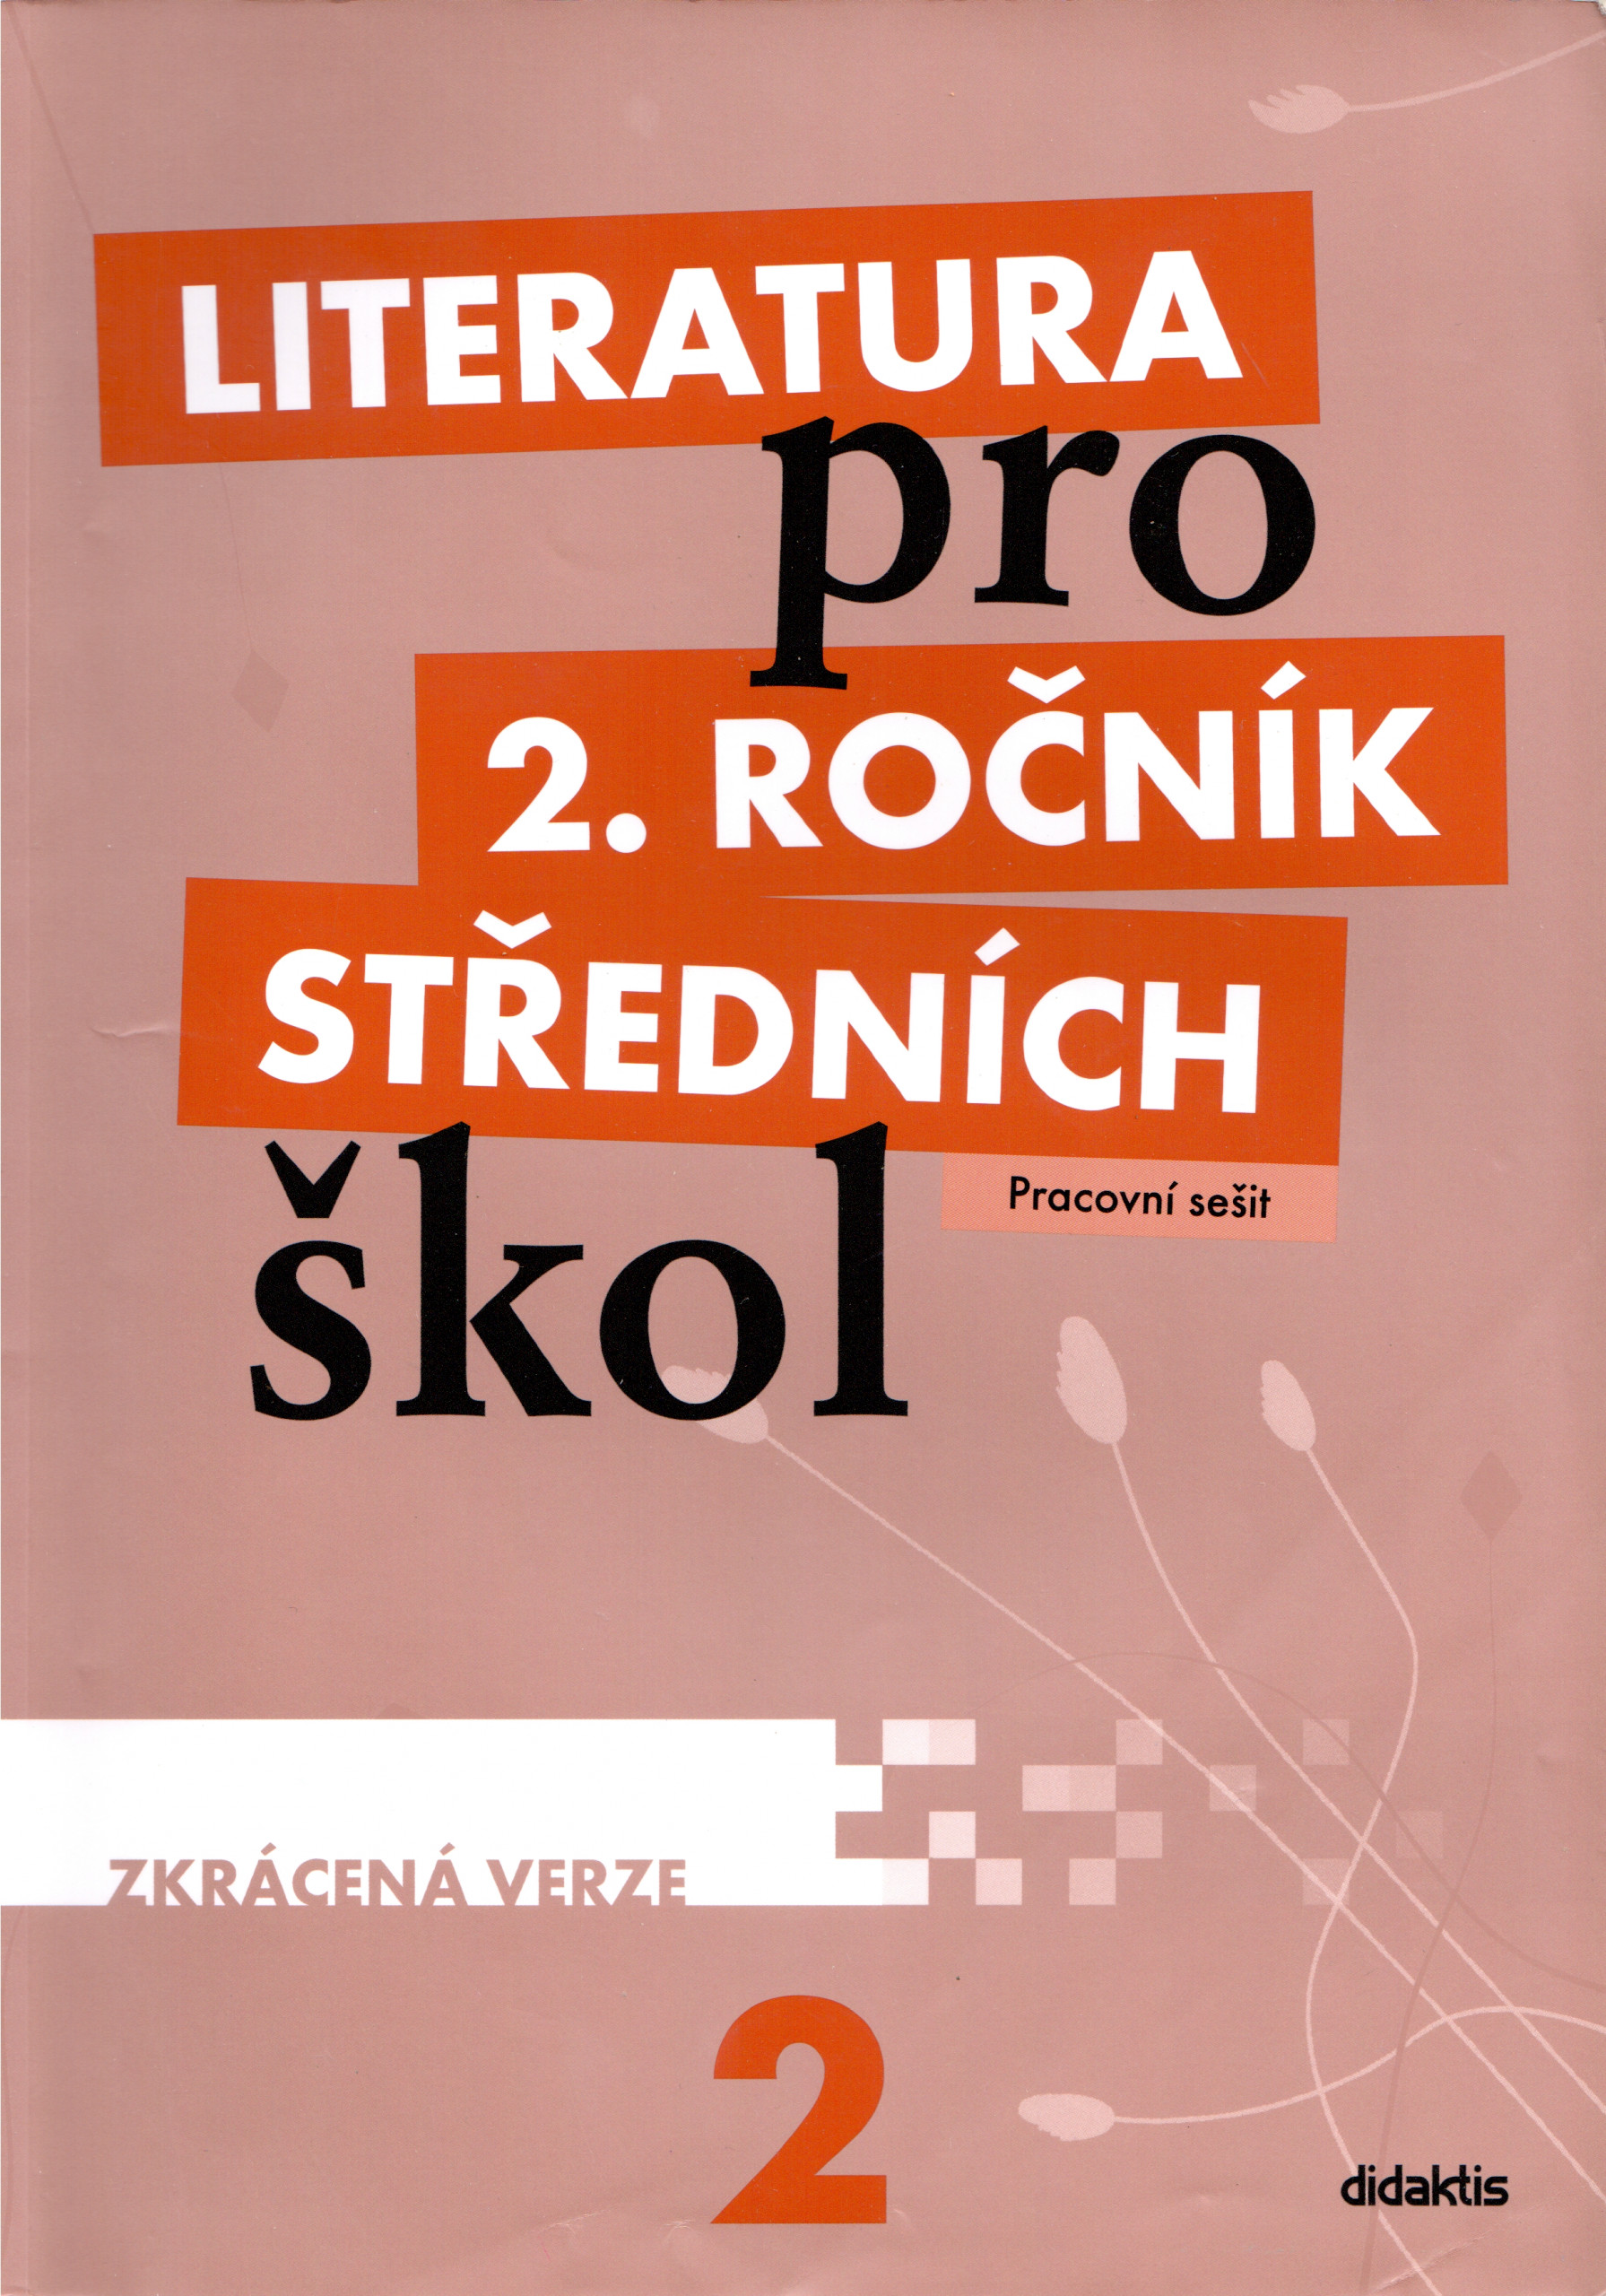 Literatura pro 2. ročník středních škol (zkrácený pracovní sešit) - Náhled učebnice